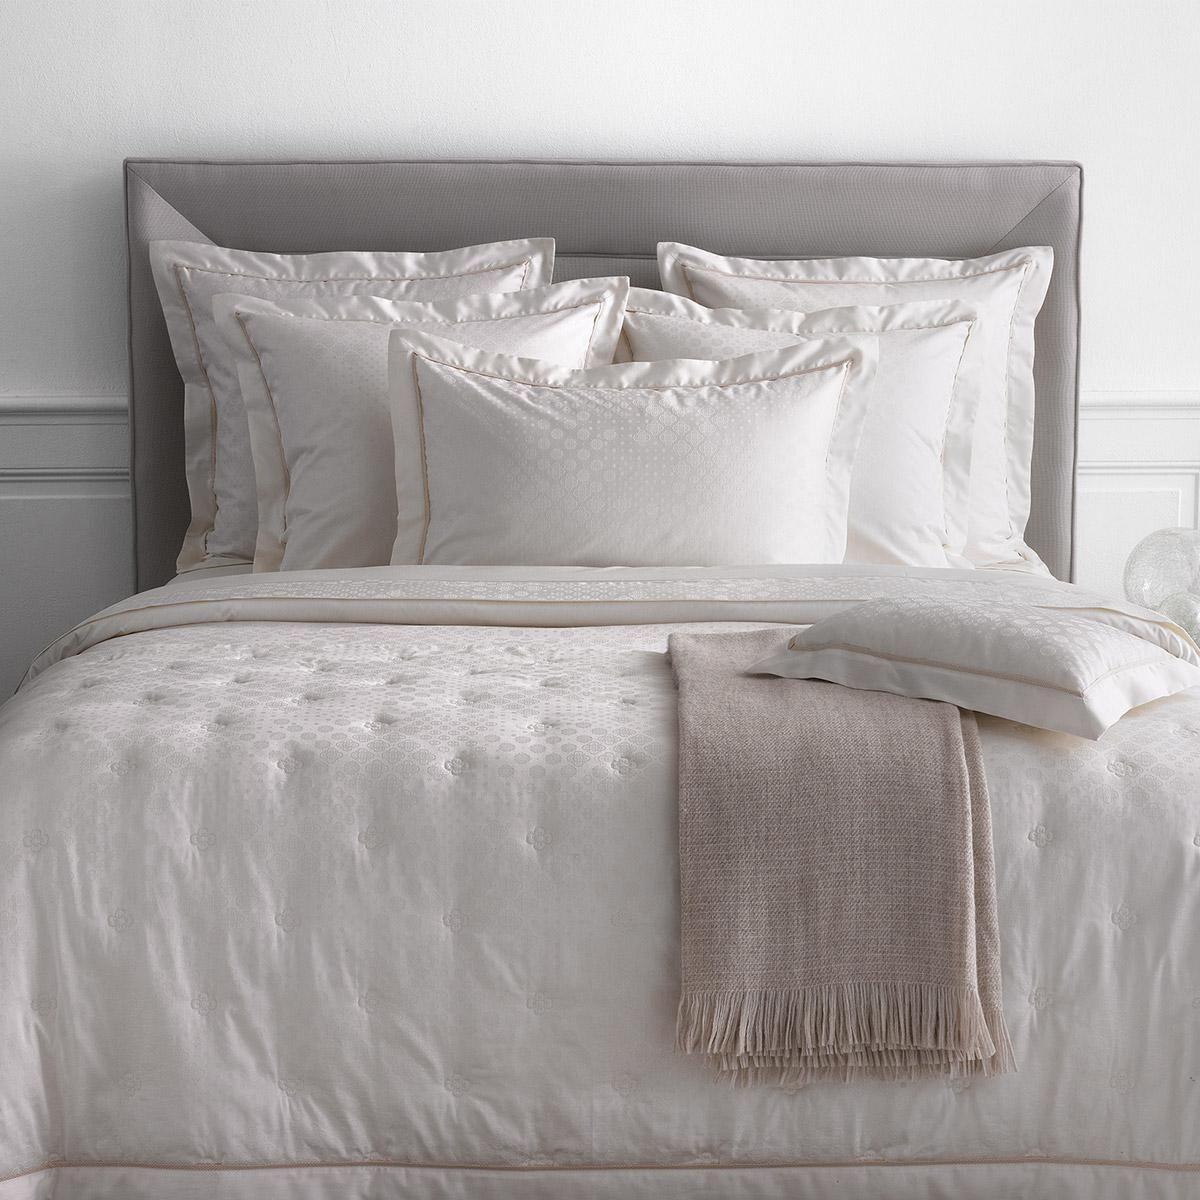 pingl par dumas paris sur l 39 art du lit par dumas pinterest linen bedding bed et bed linen